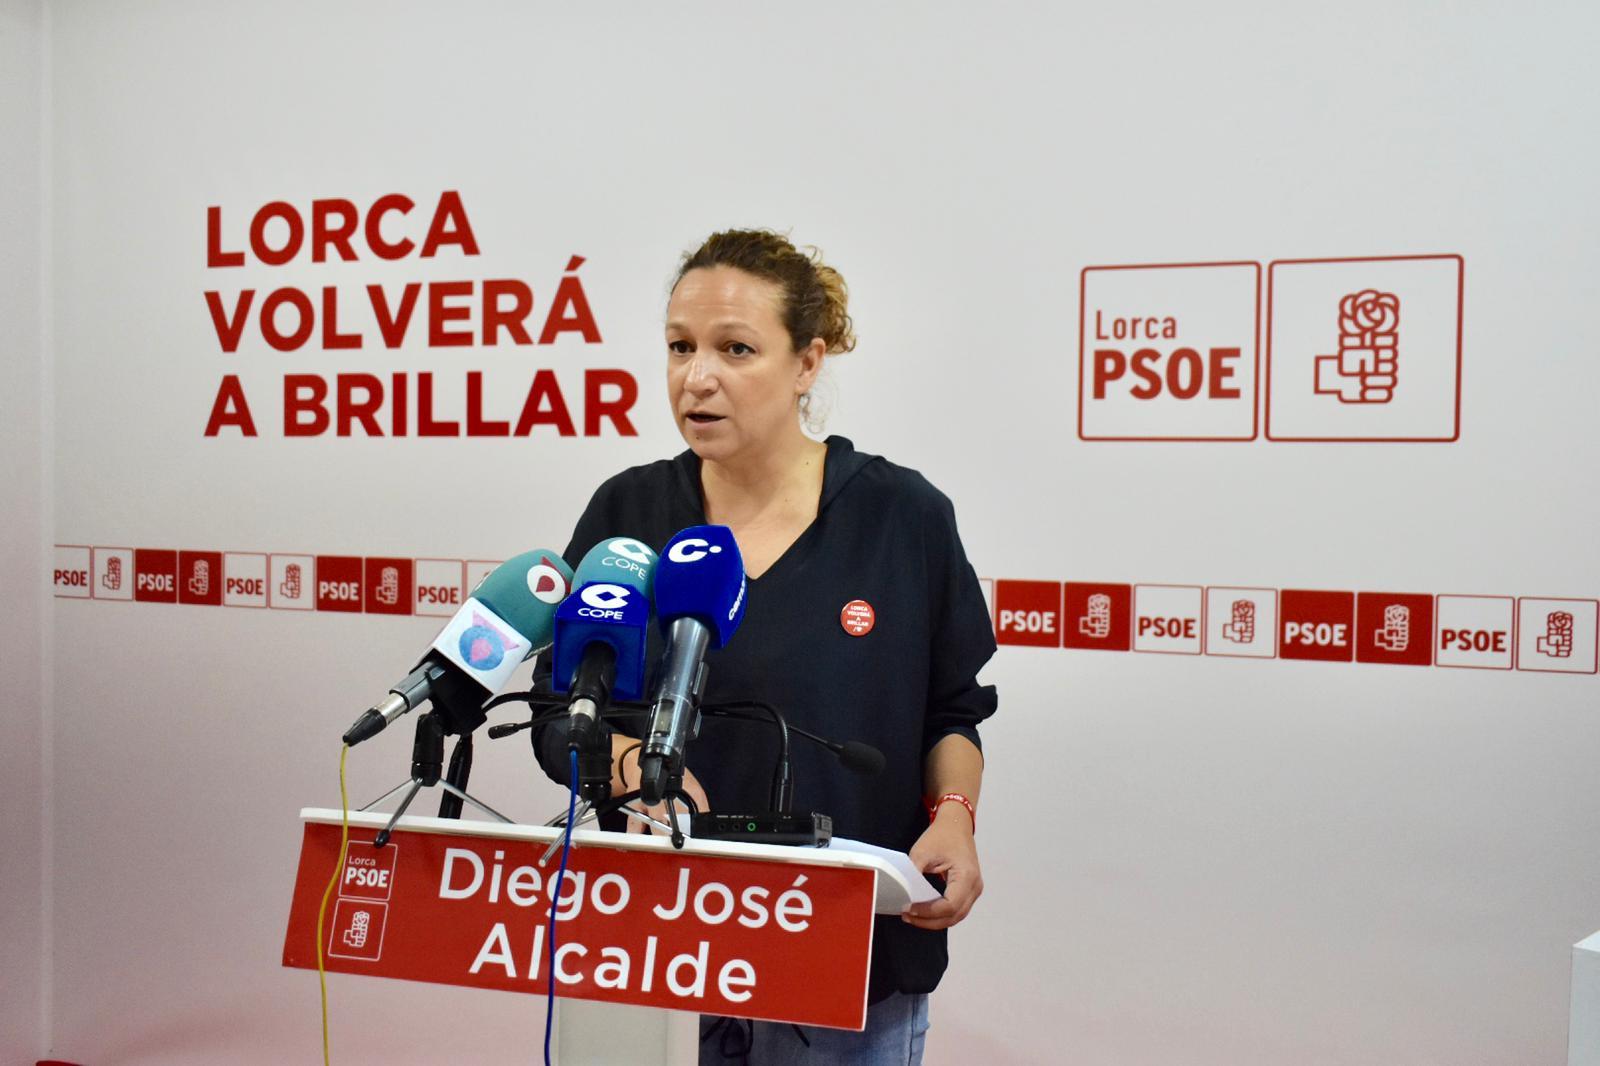 Los lorquinos ya votaron de forma mayoritaria al Gobierno de España y demostraron que creen en el PSOE para solucionar el AVE tras 7 años de mentiras de Rajoy y Casado